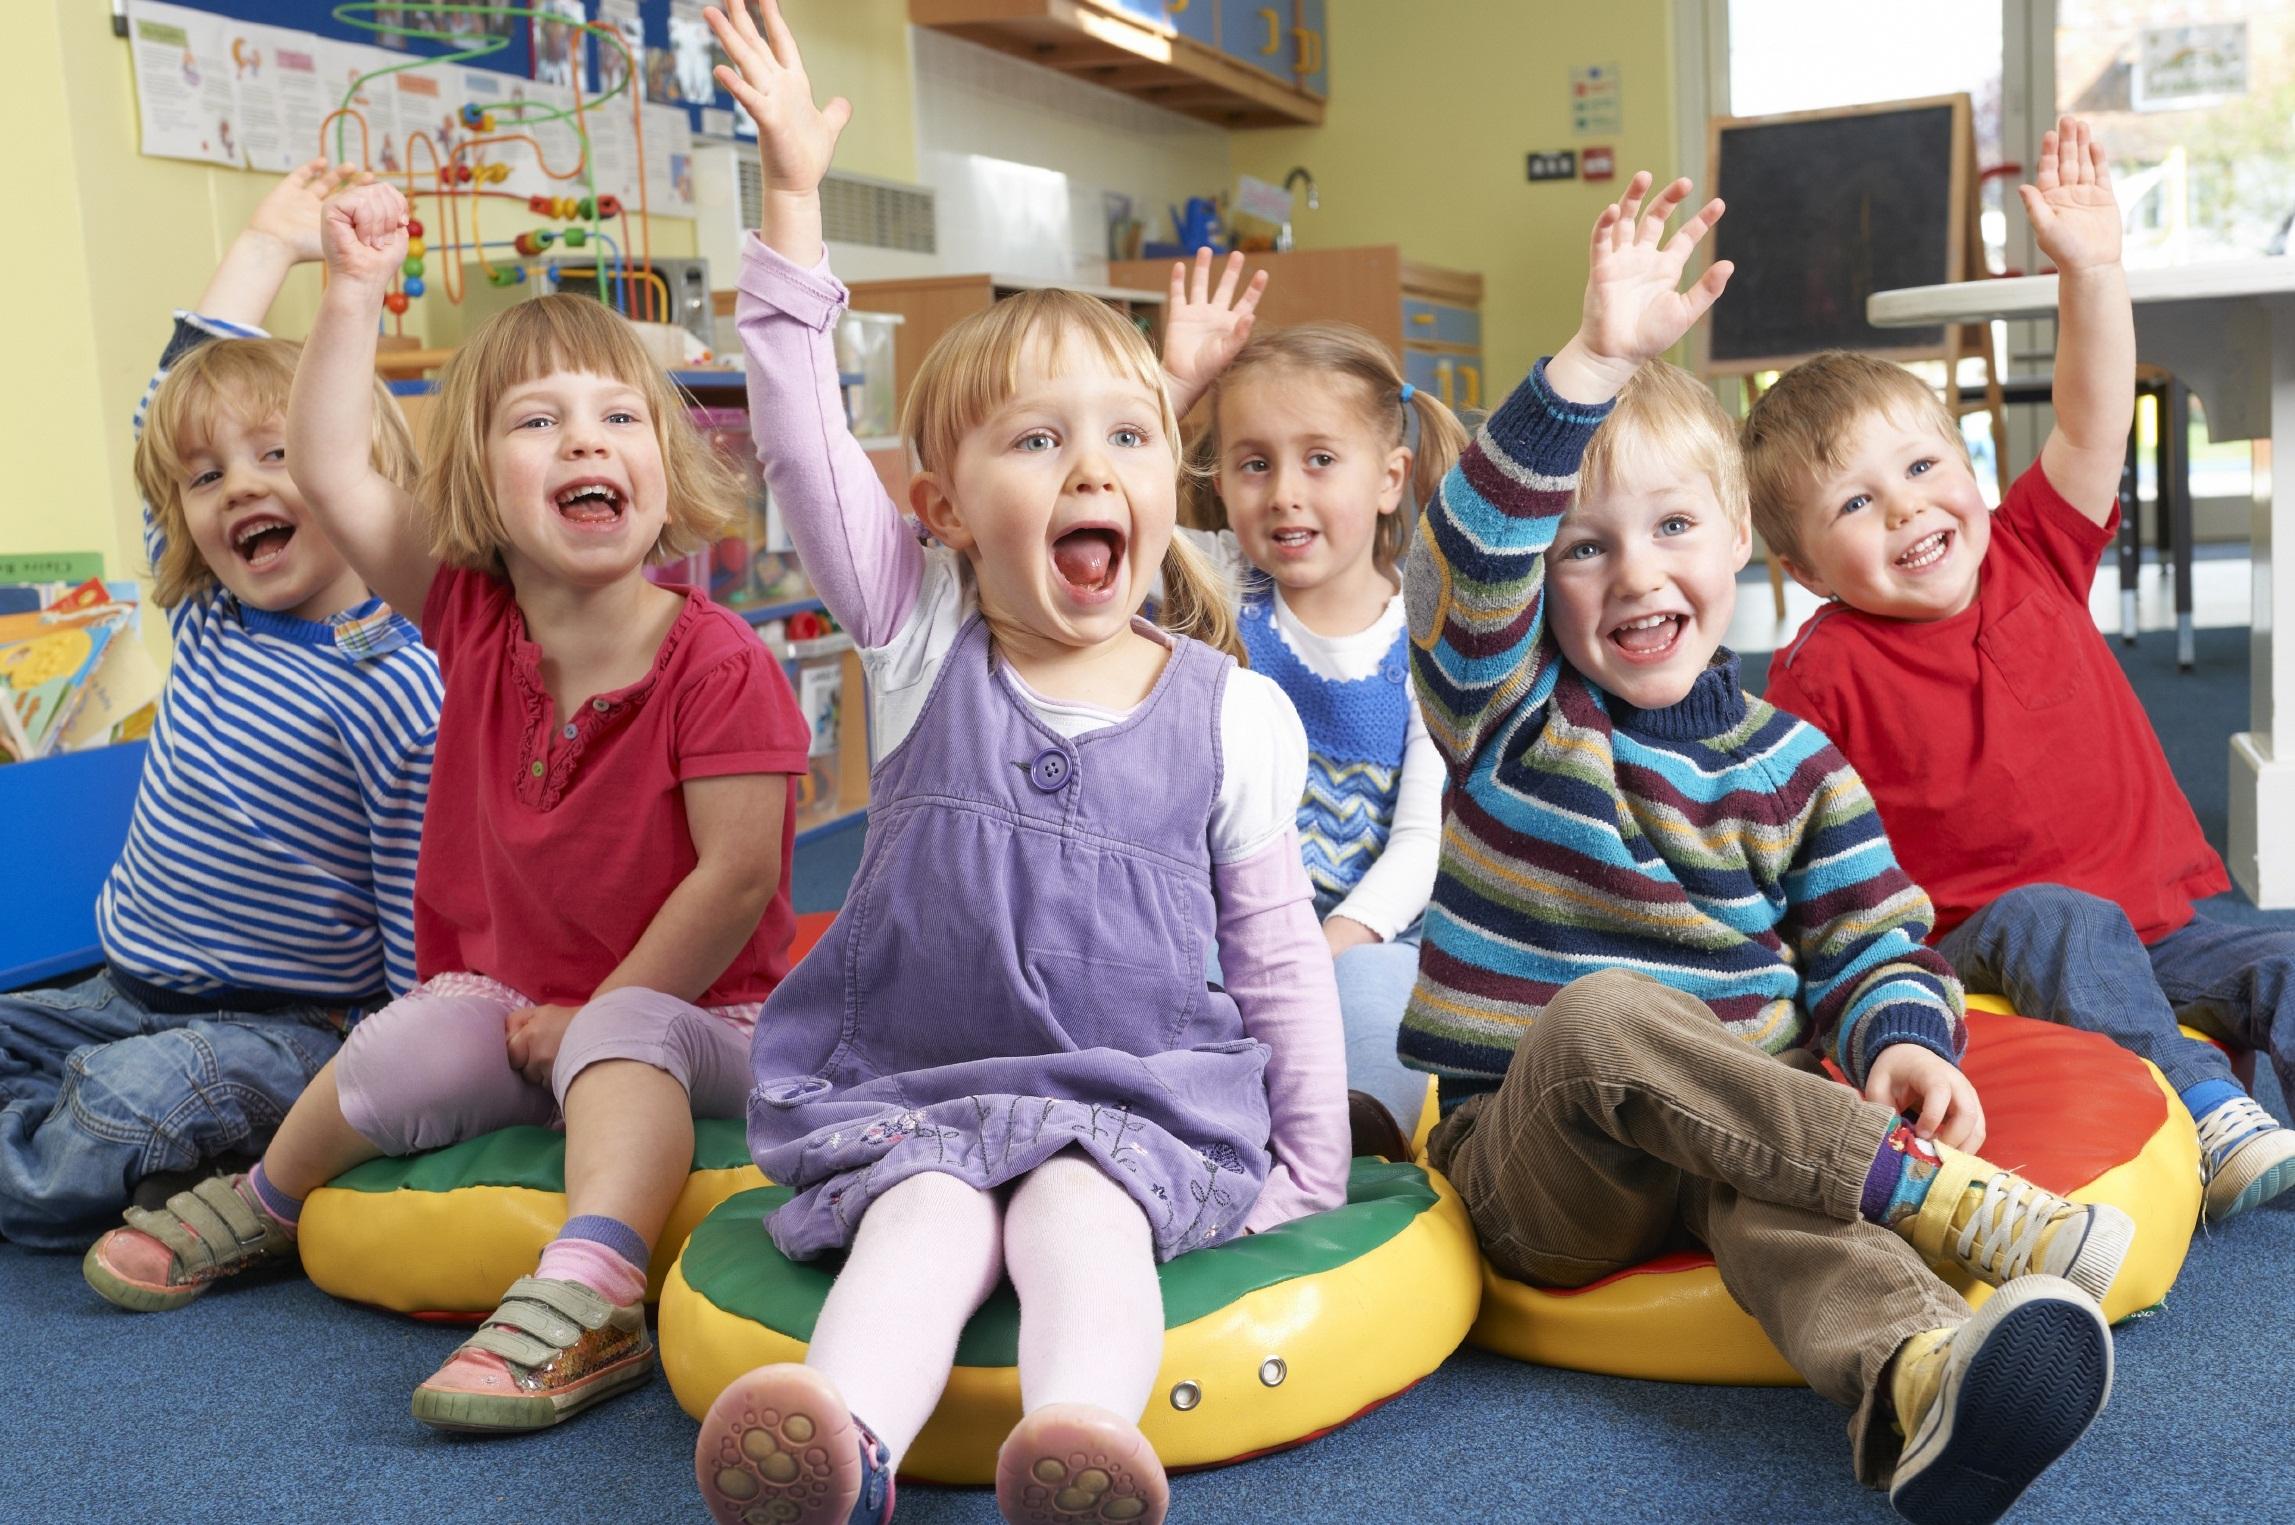 Дополнительные увлечения для ребенка до детсадовского возраста